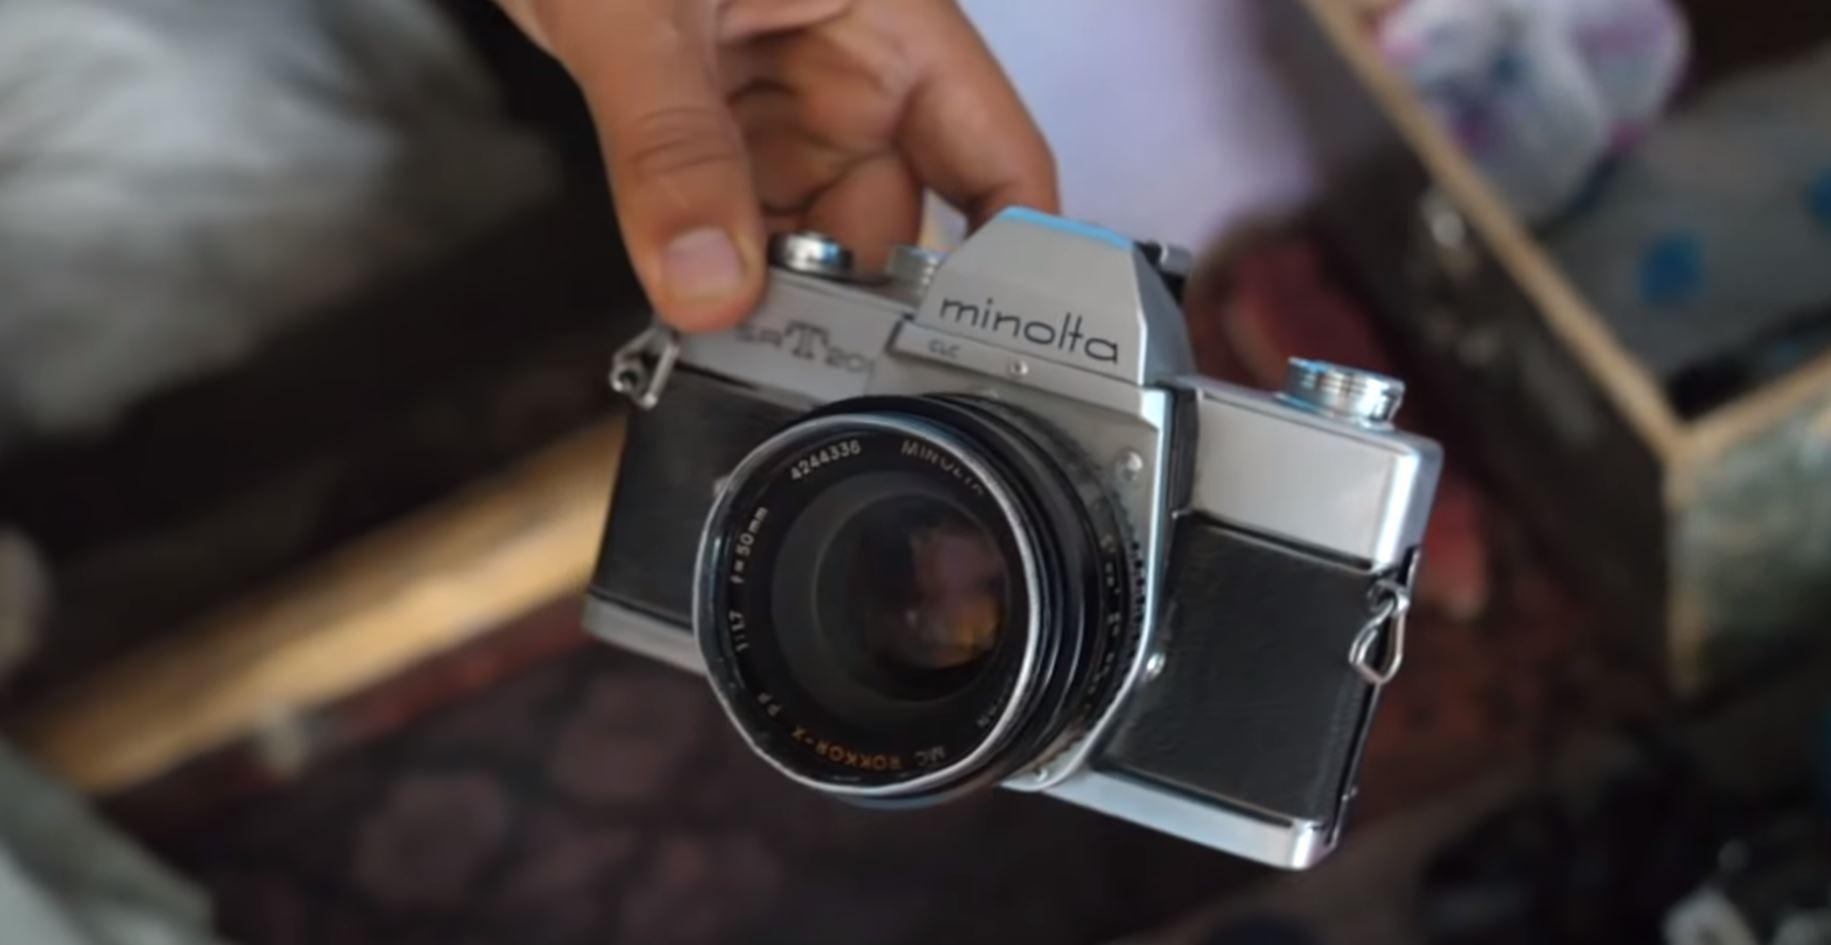 Đây là chiếc máy ảnh 100 năm tuổi của nhiếp ảnh gia chân dung người Afghanistan - Ảnh 5.